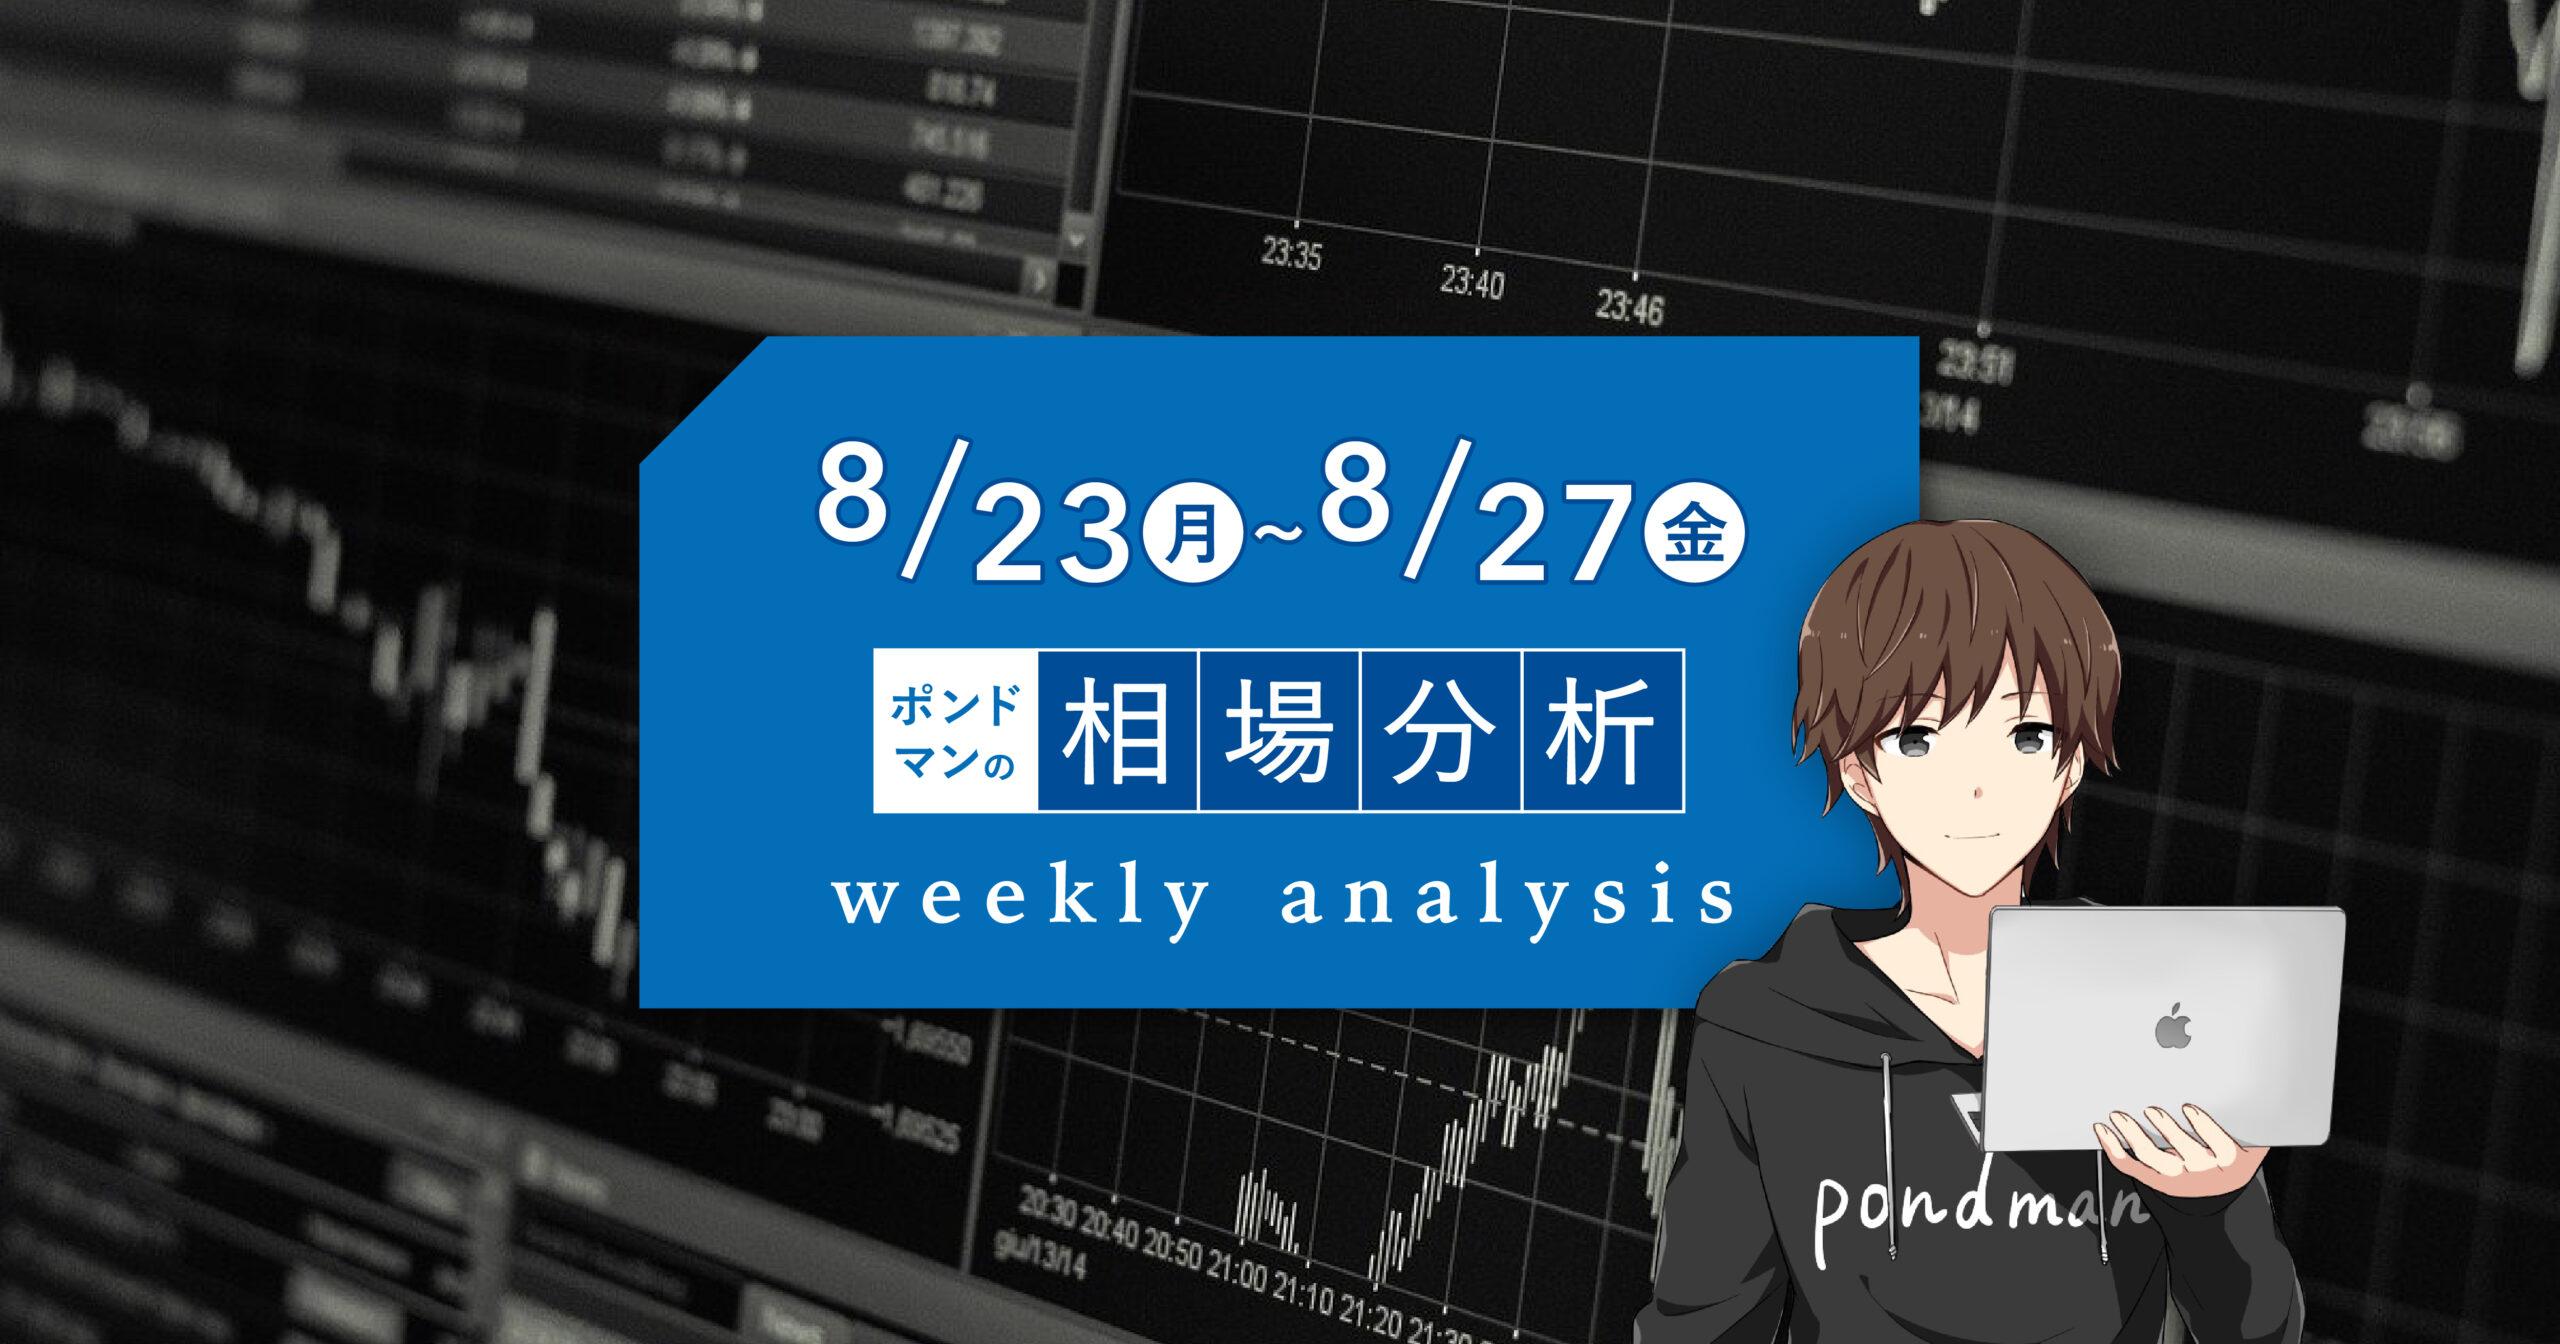 【8月23日~28日週間分析】ジャクソンホールはどうなるか?!今後のゴールド・ドル円の行方が決まるか。